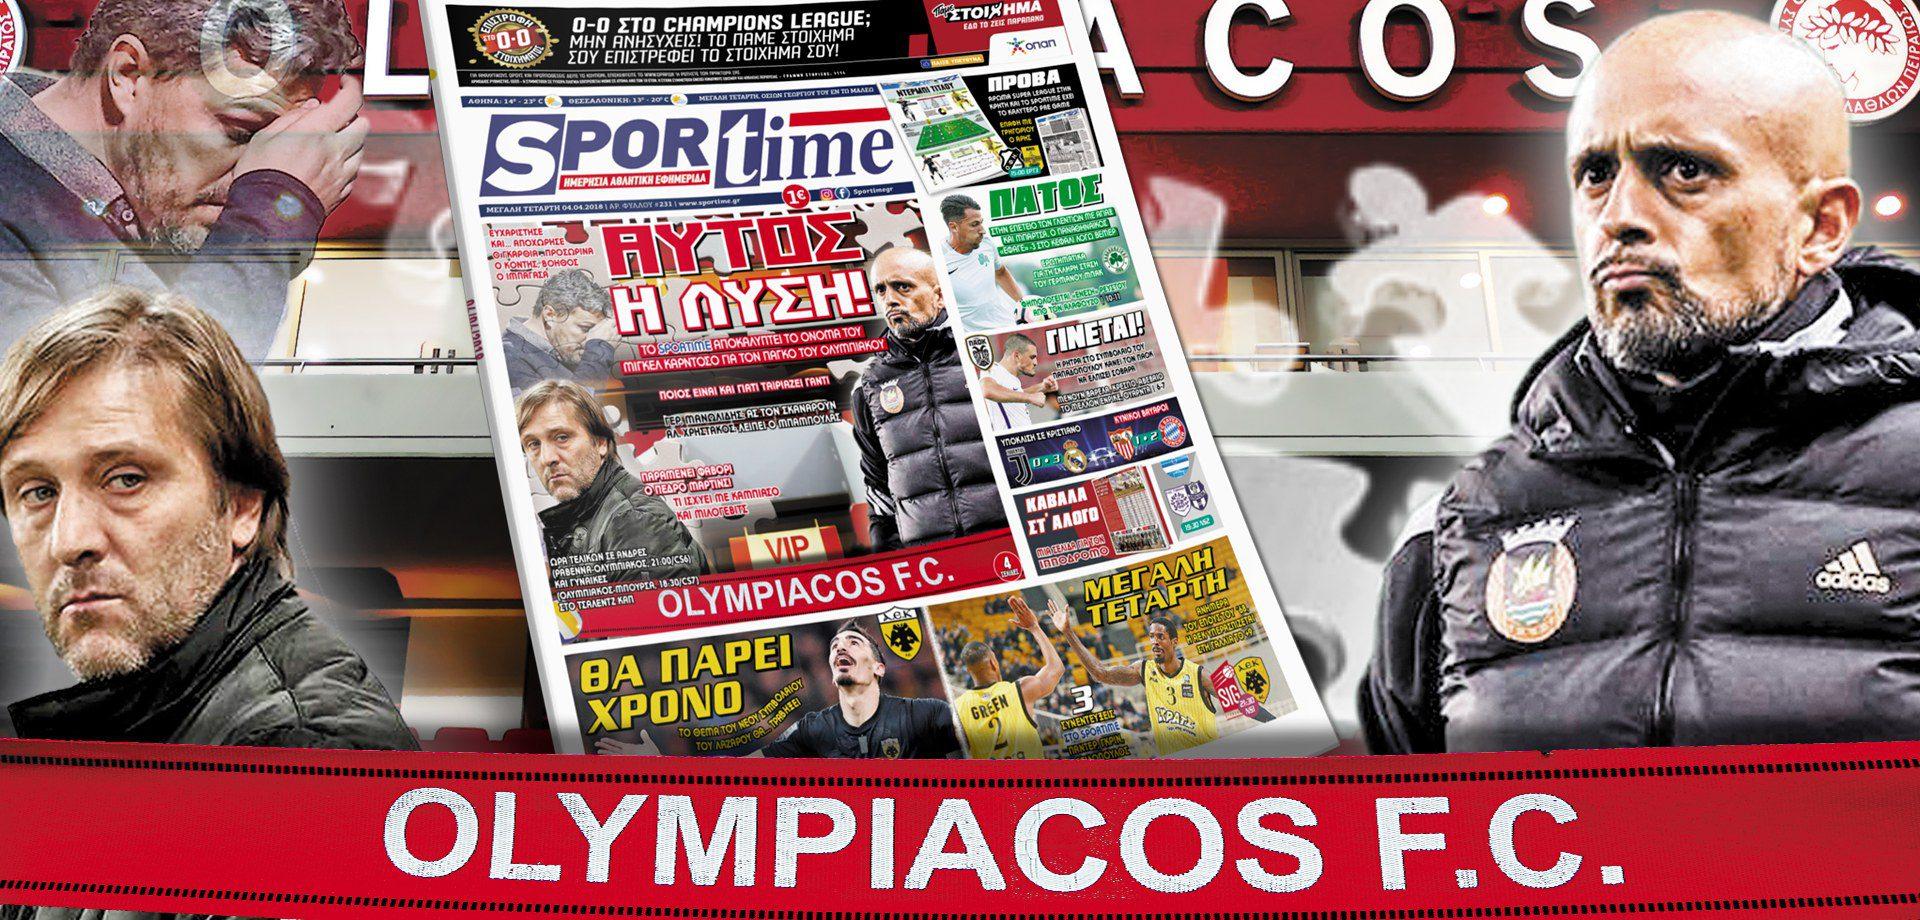 Μιγκέλ Καρντόσο για τον πάγκο του Ολυμπιακού - Sportime.GR